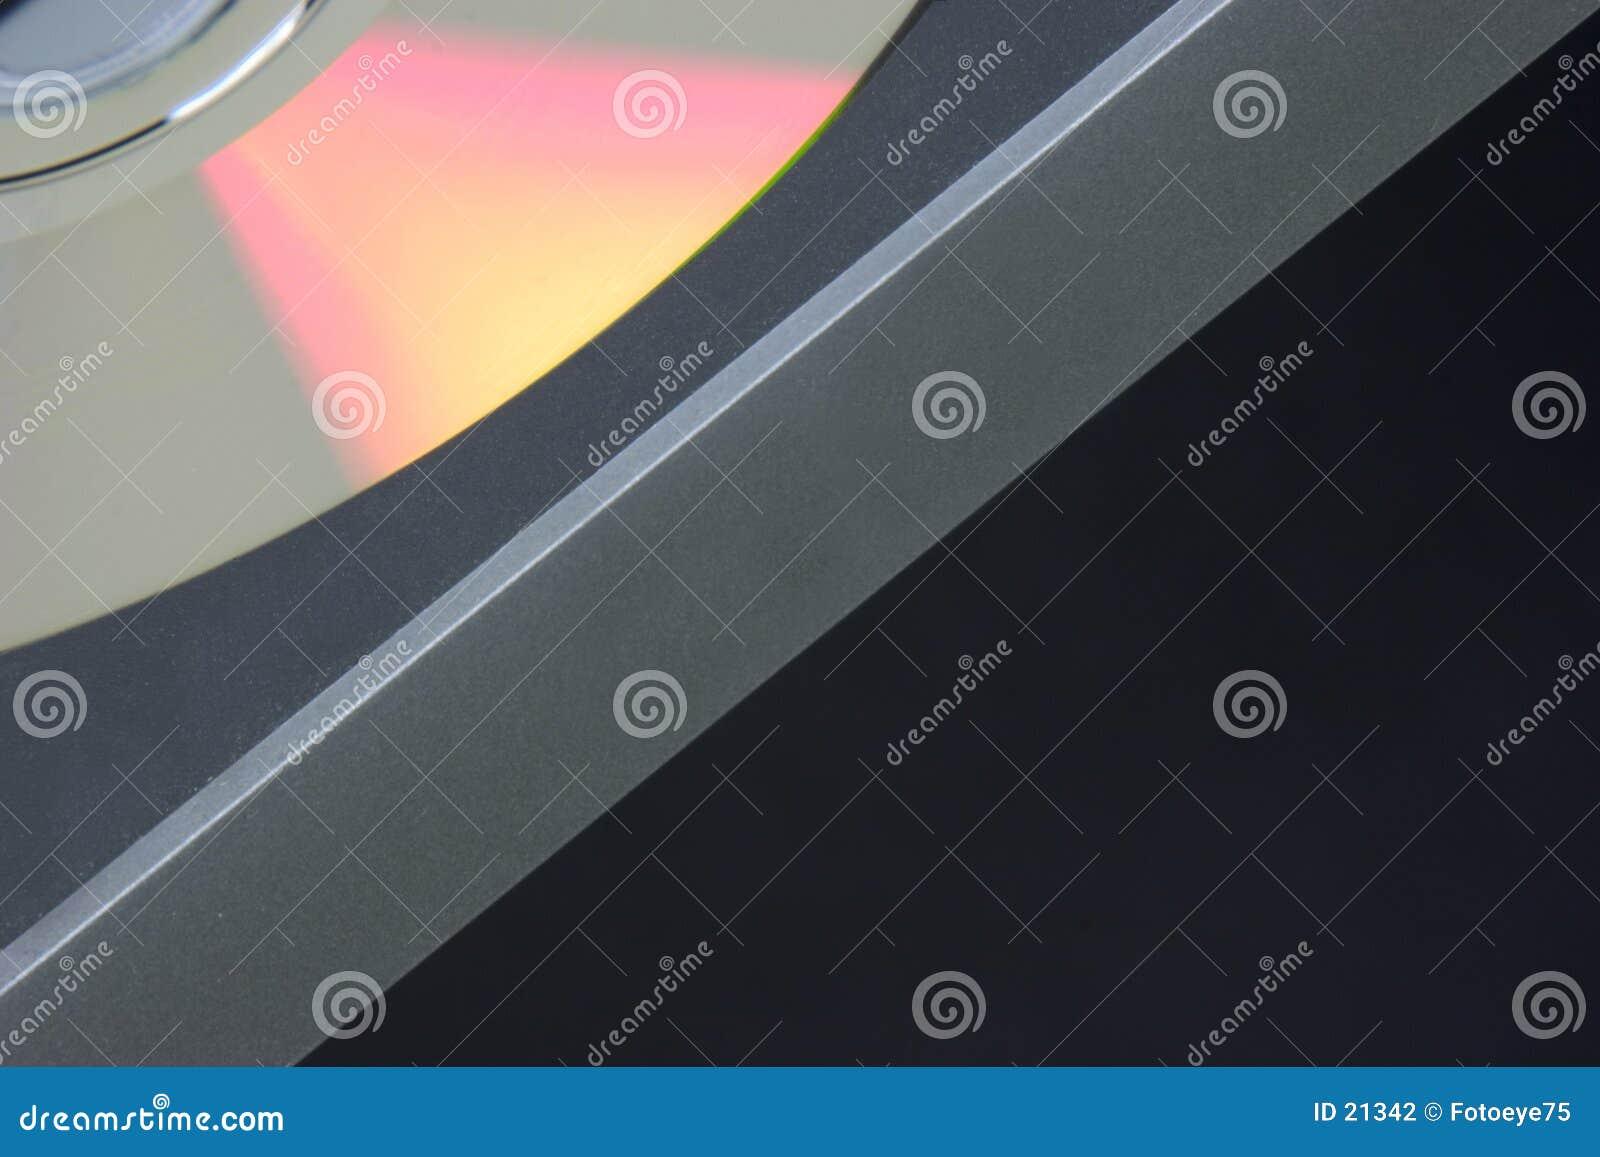 光盘dvd